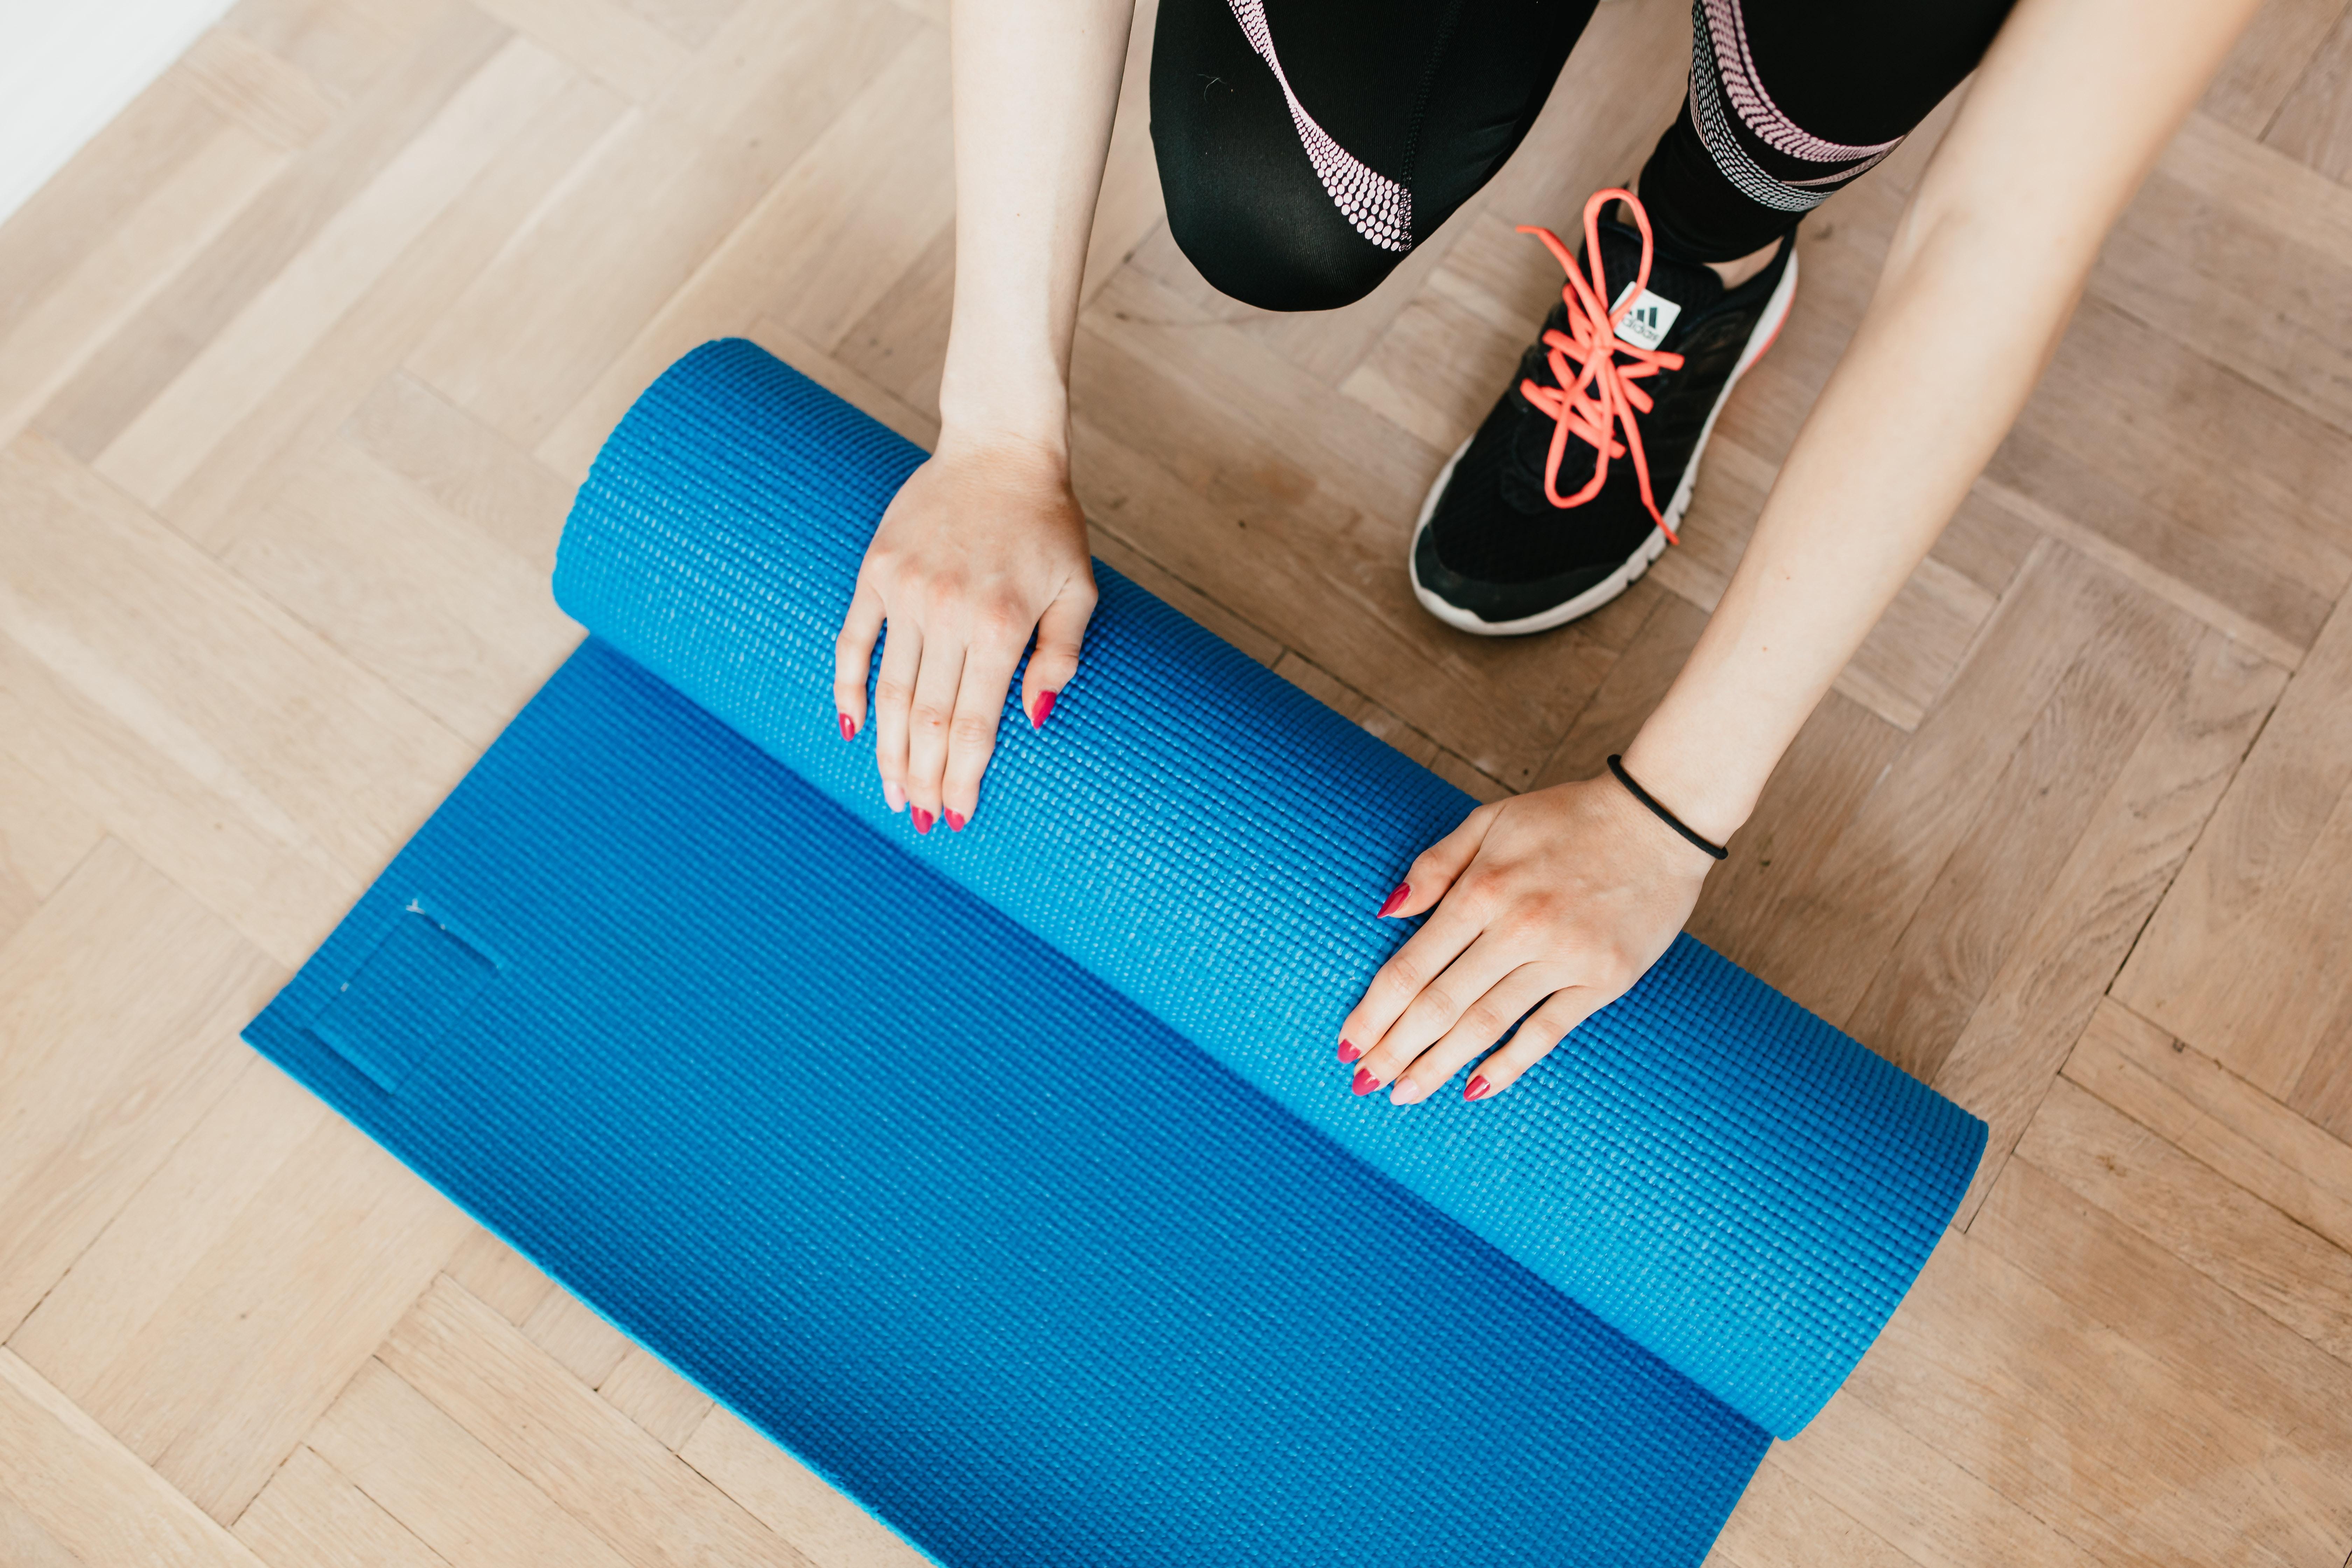 Uusien rutiinien luominen – liikunta rutiiniksi kolmen liikkeen jumpilla